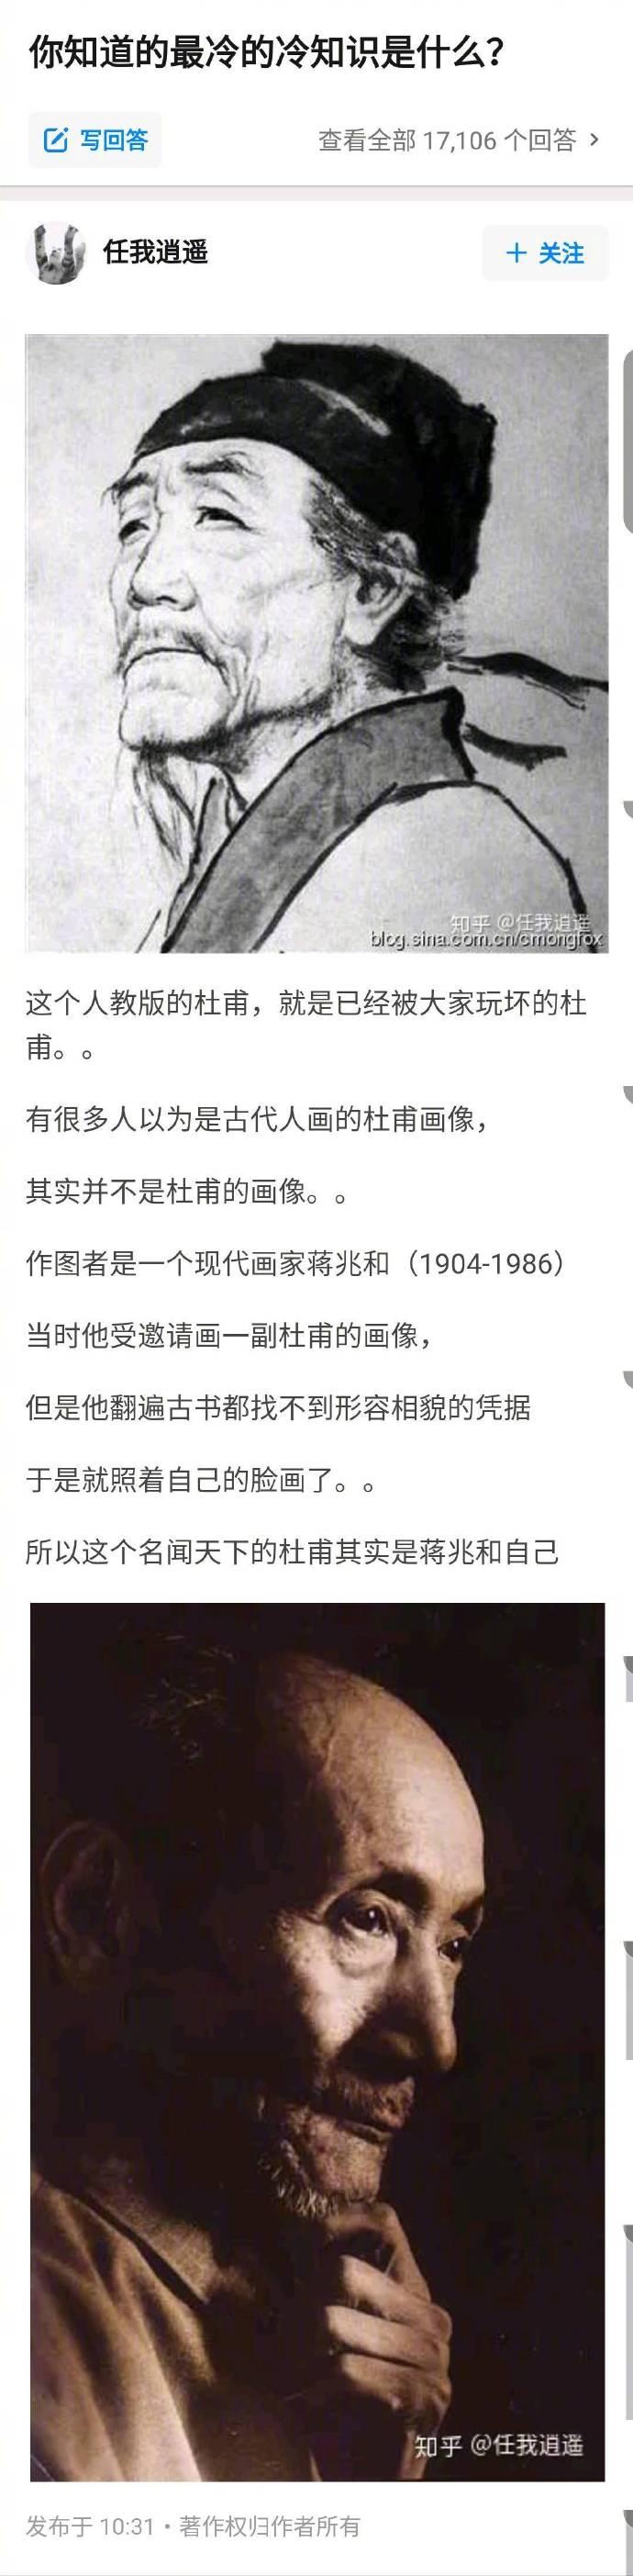 2018 青年福利微刊第 278 期:不愿染是与非 怎料事与愿违